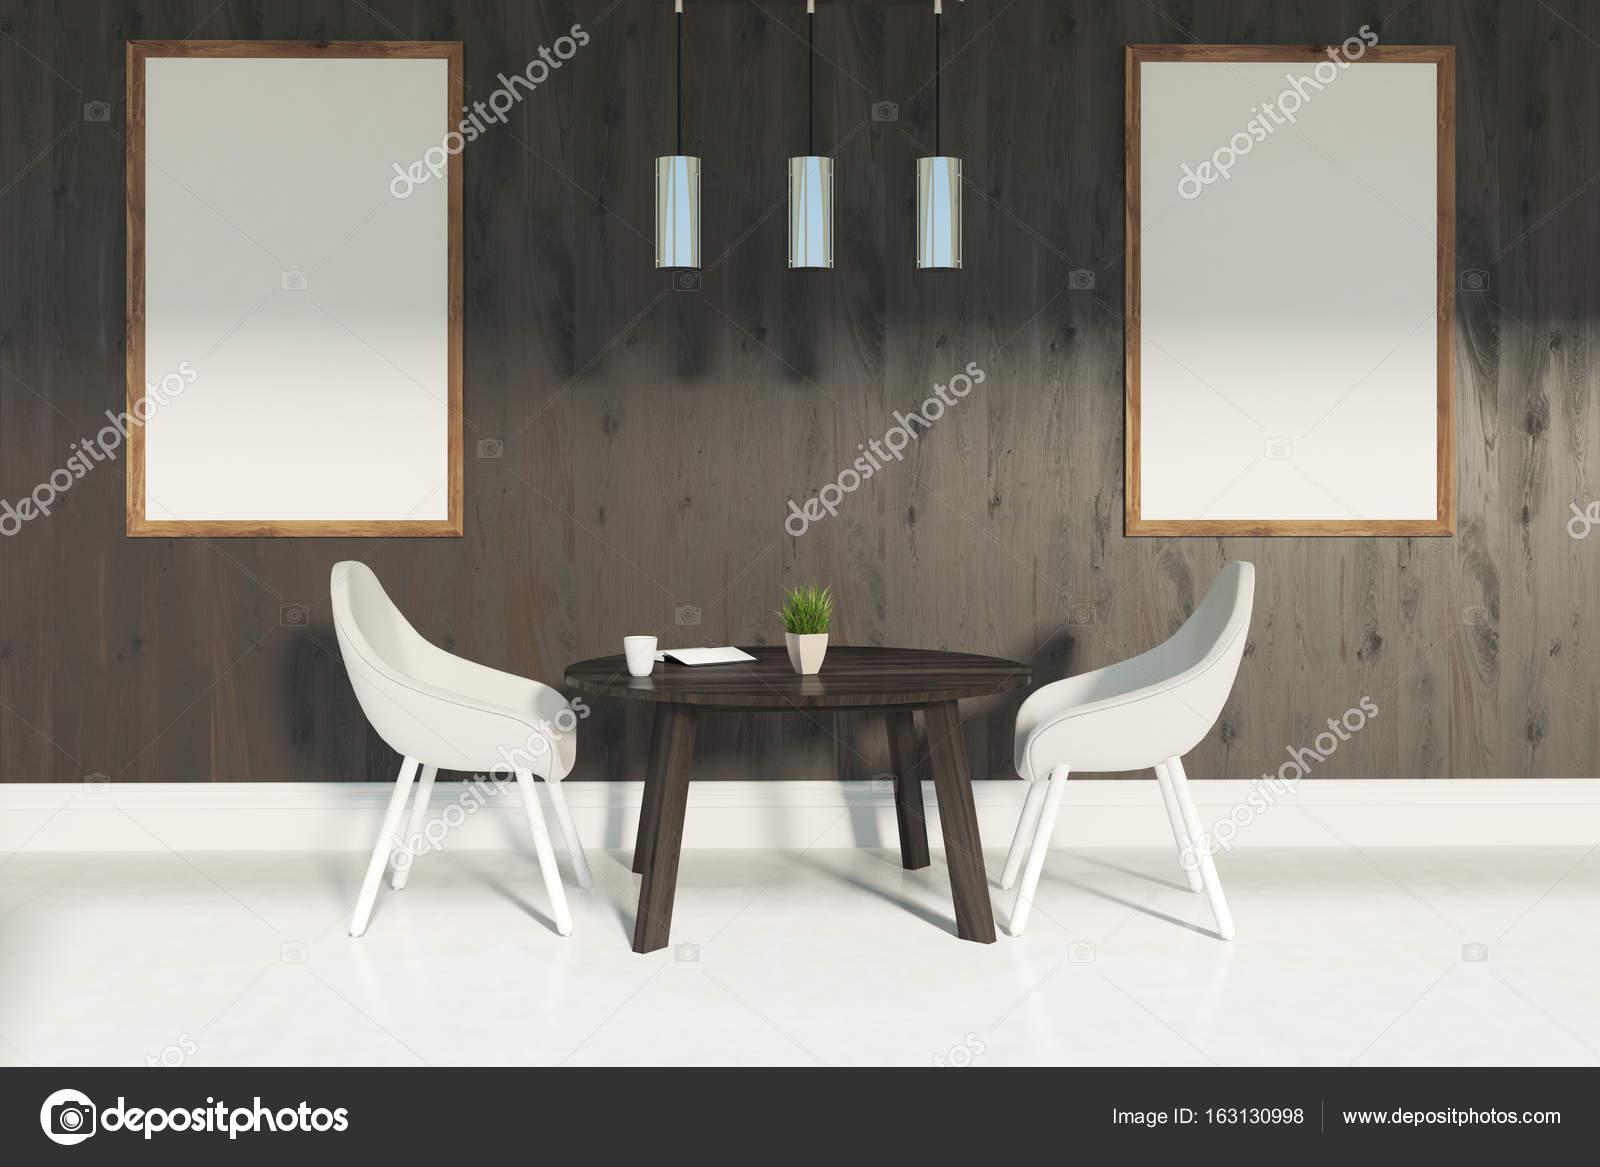 https://st3.depositphotos.com/2673929/16313/i/1600/depositphotos_163130998-stockafbeelding-witte-stoelen-eetkamer-twee-posters.jpg